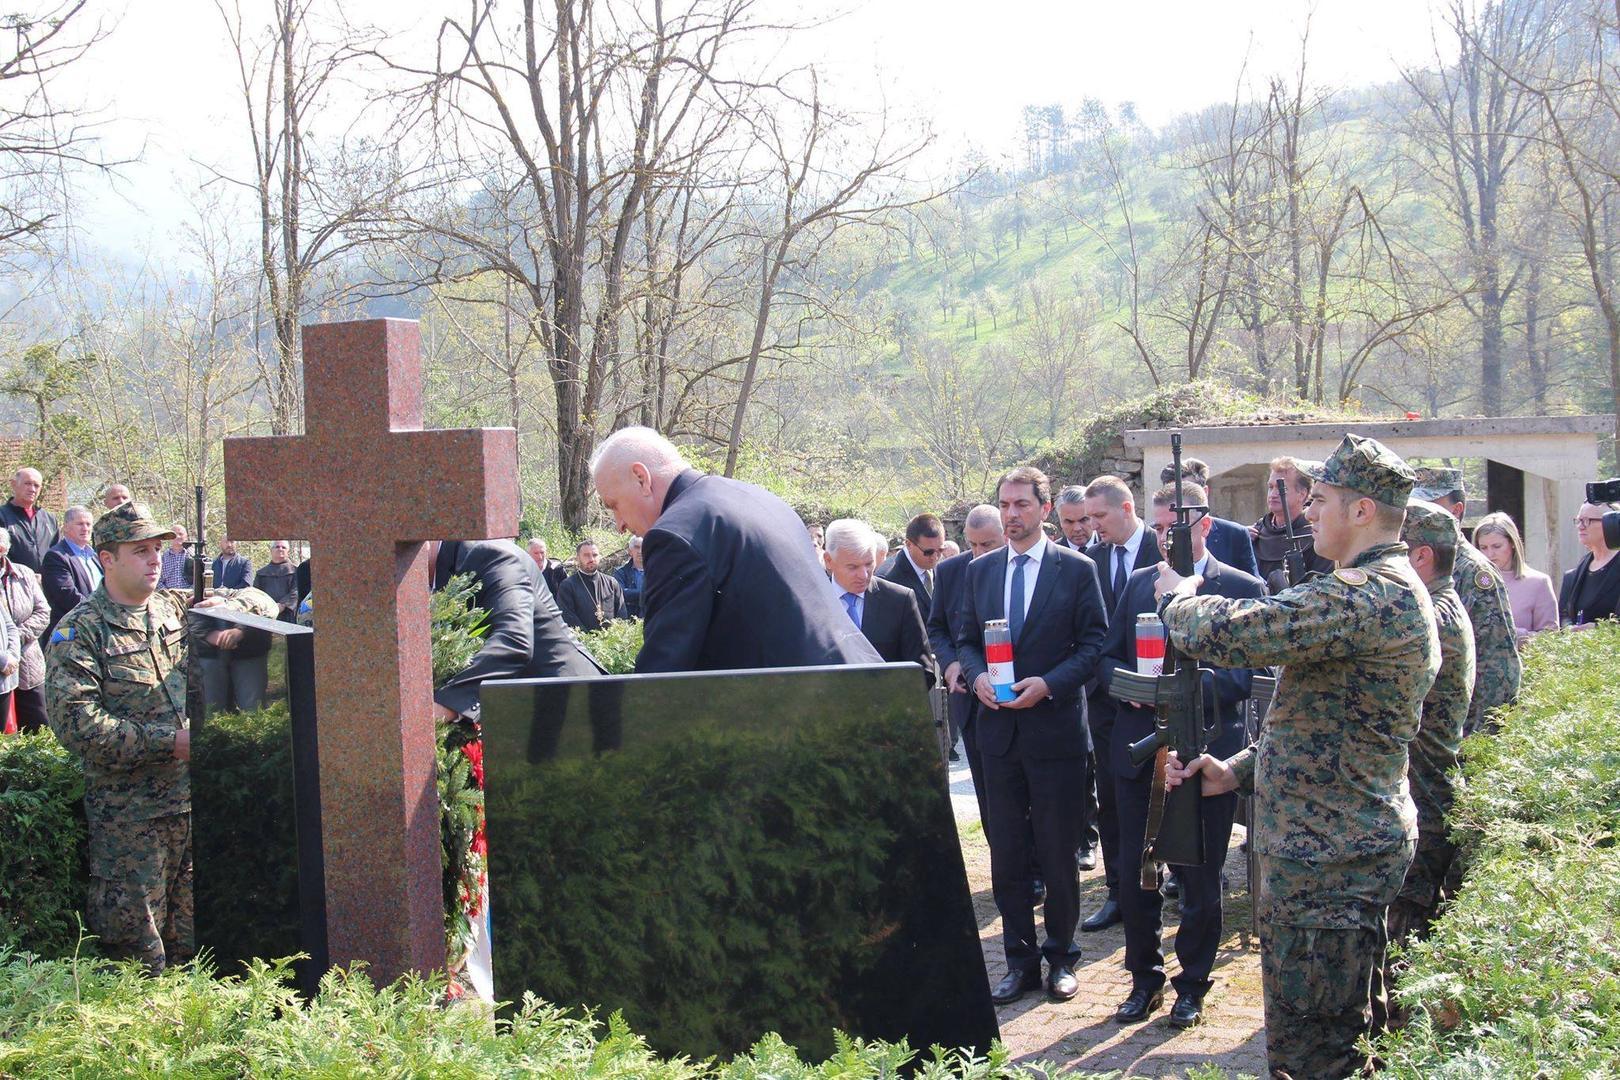 Obilježena 26. godišnjica stradanja Hrvata u selu Trusina